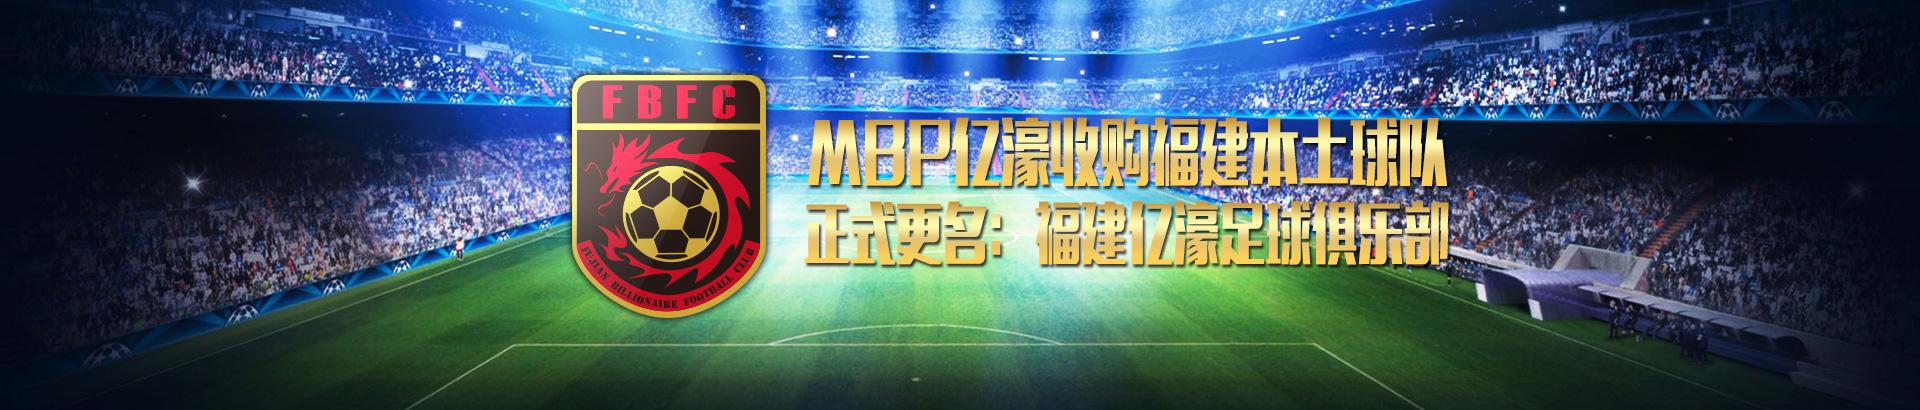 MBP亿濠收购福建本土球队 正式更名:福建亿濠足球俱乐部